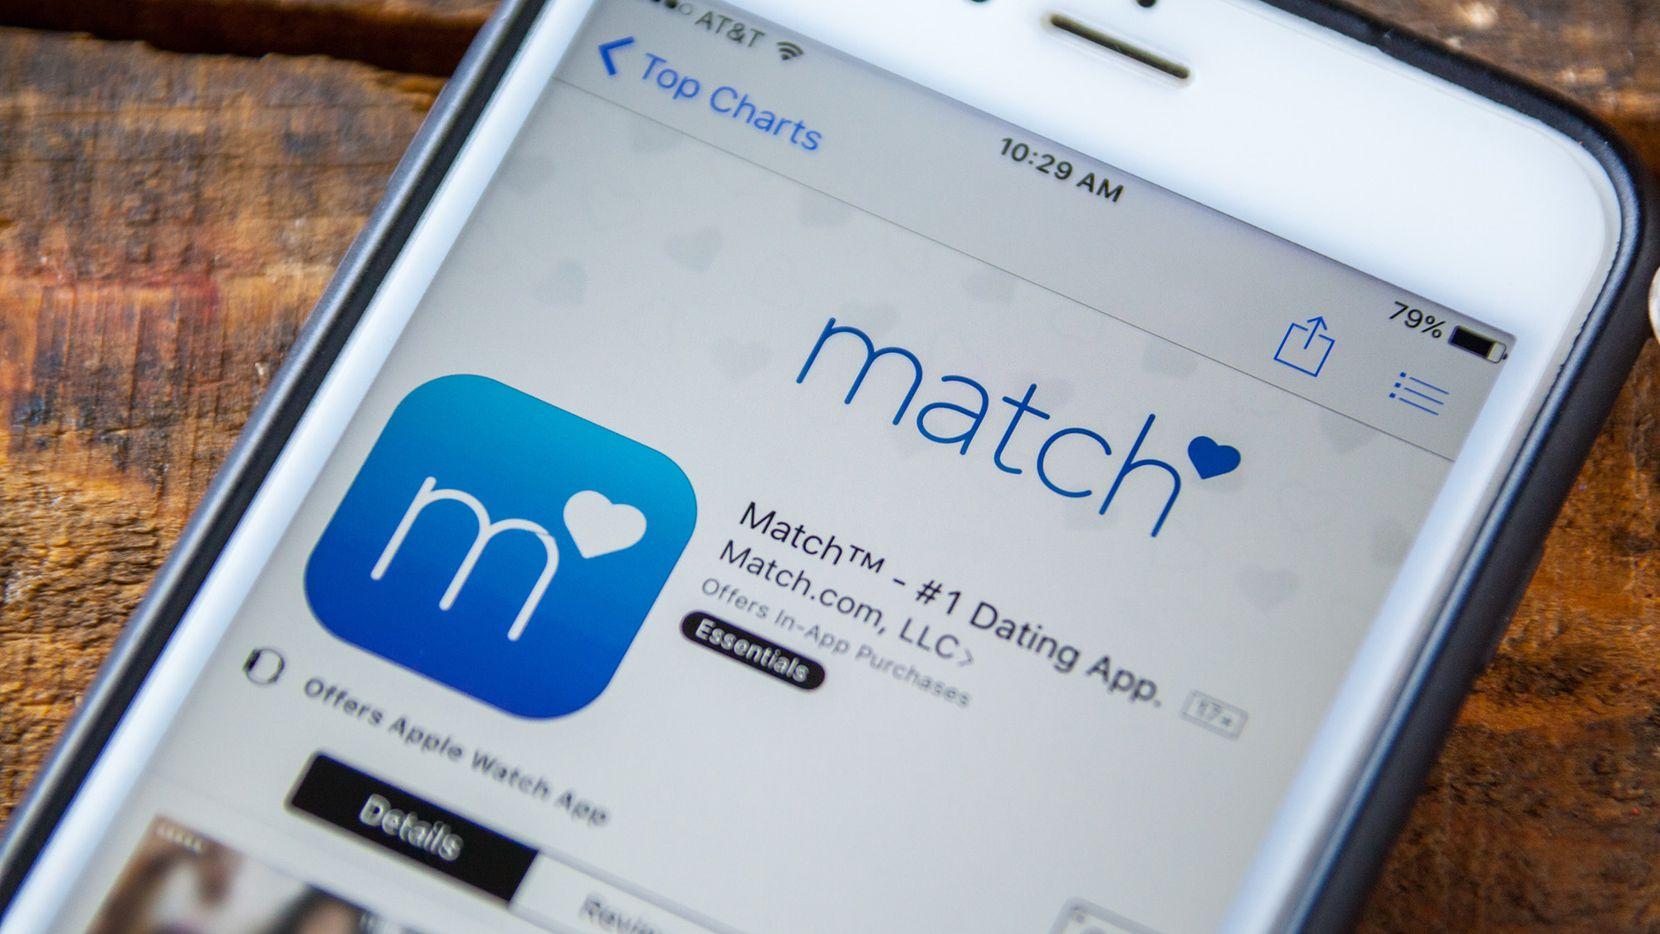 Match ha elaborado estrategias para mejor la seguridad de su aplicación.